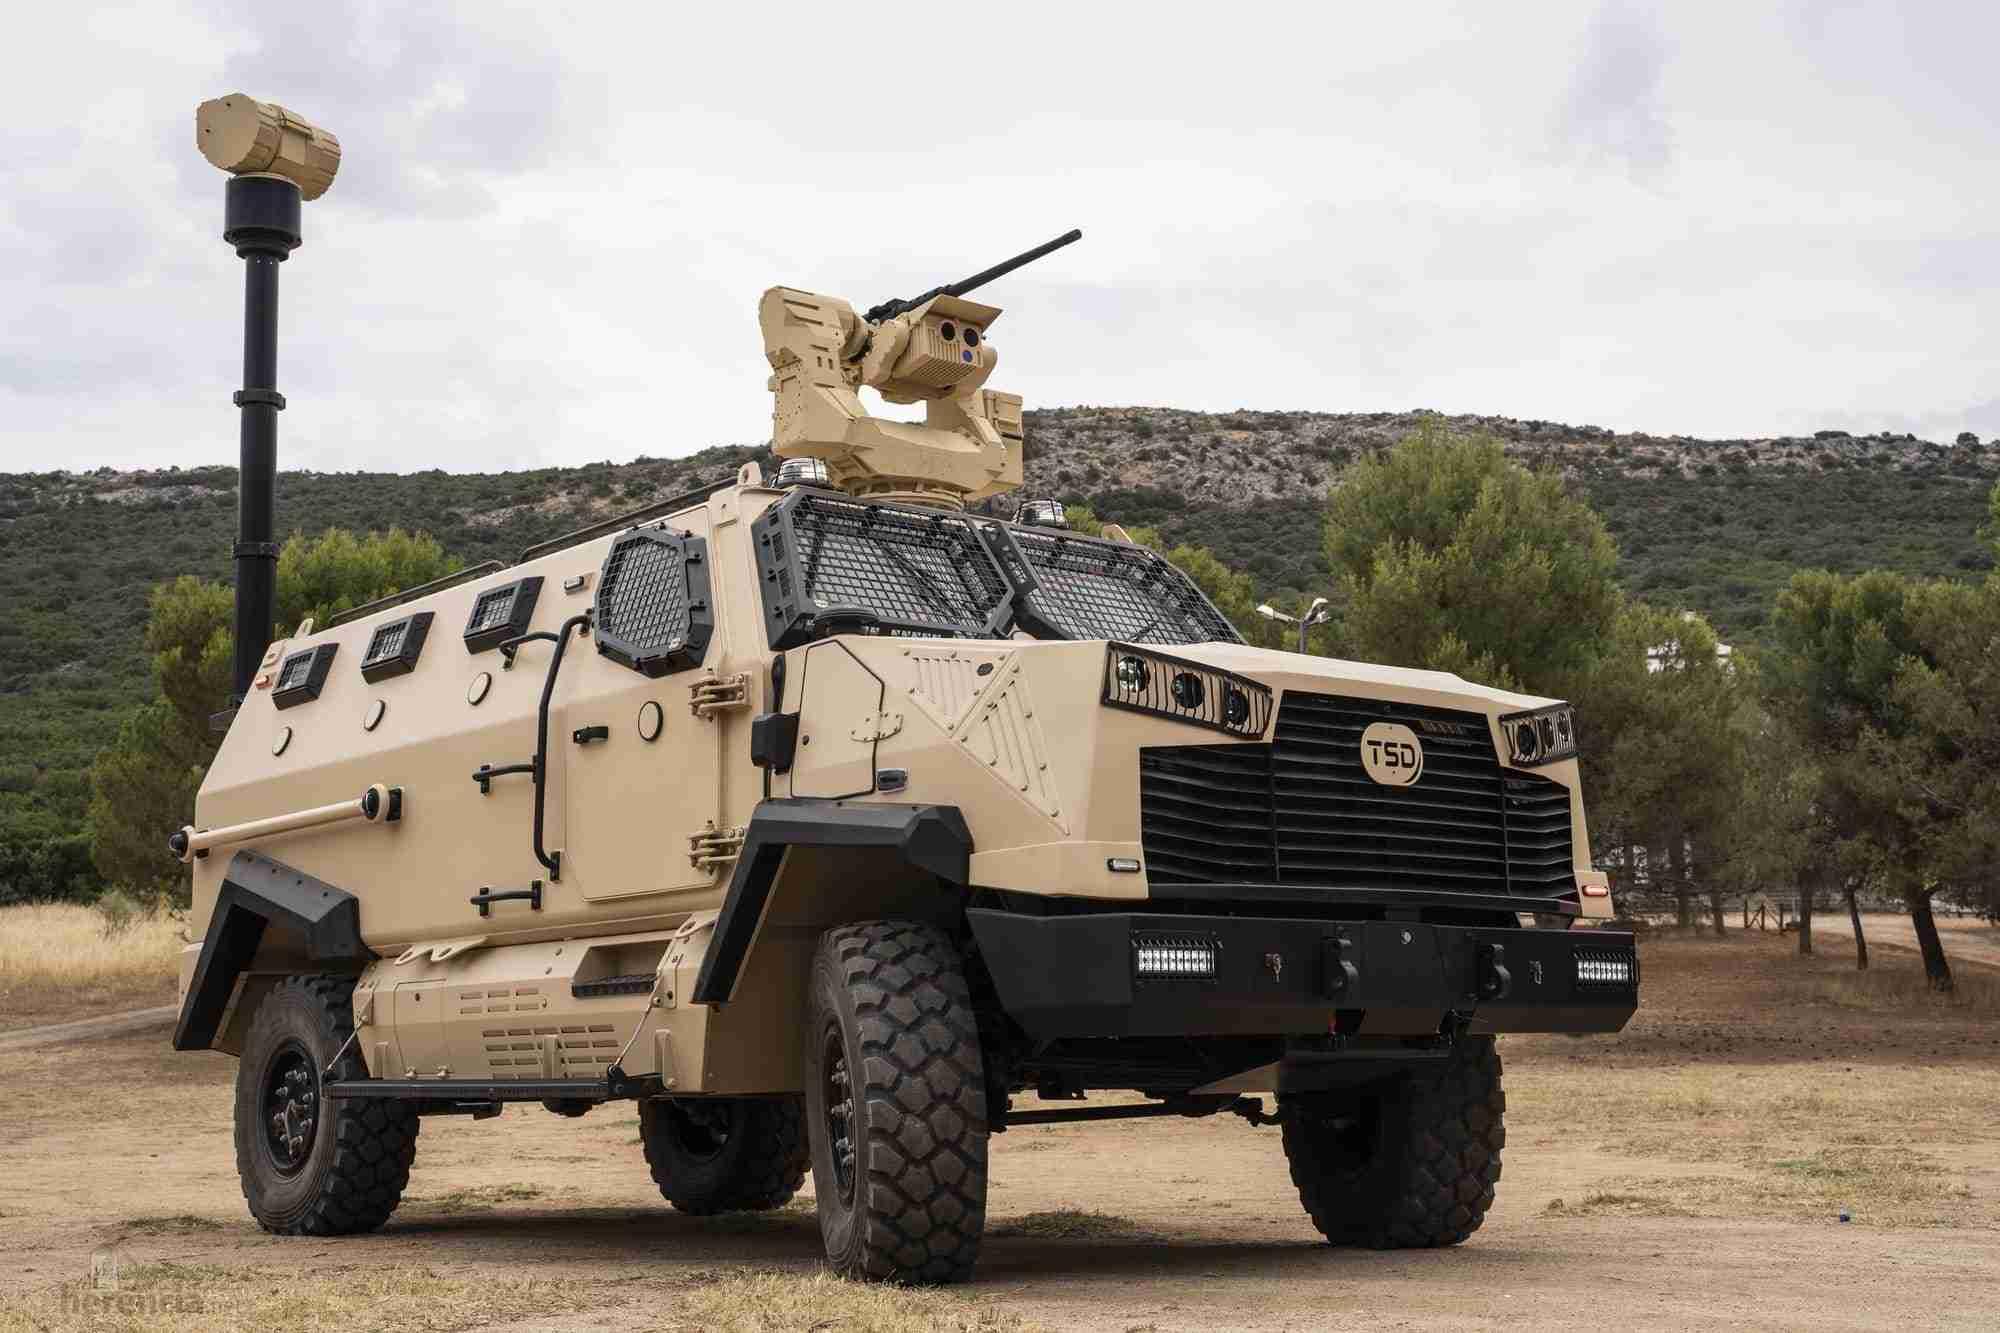 TSD presenta IBERO, un vehículo táctico multipropósito, con adaptabilidad y versatilidad 32